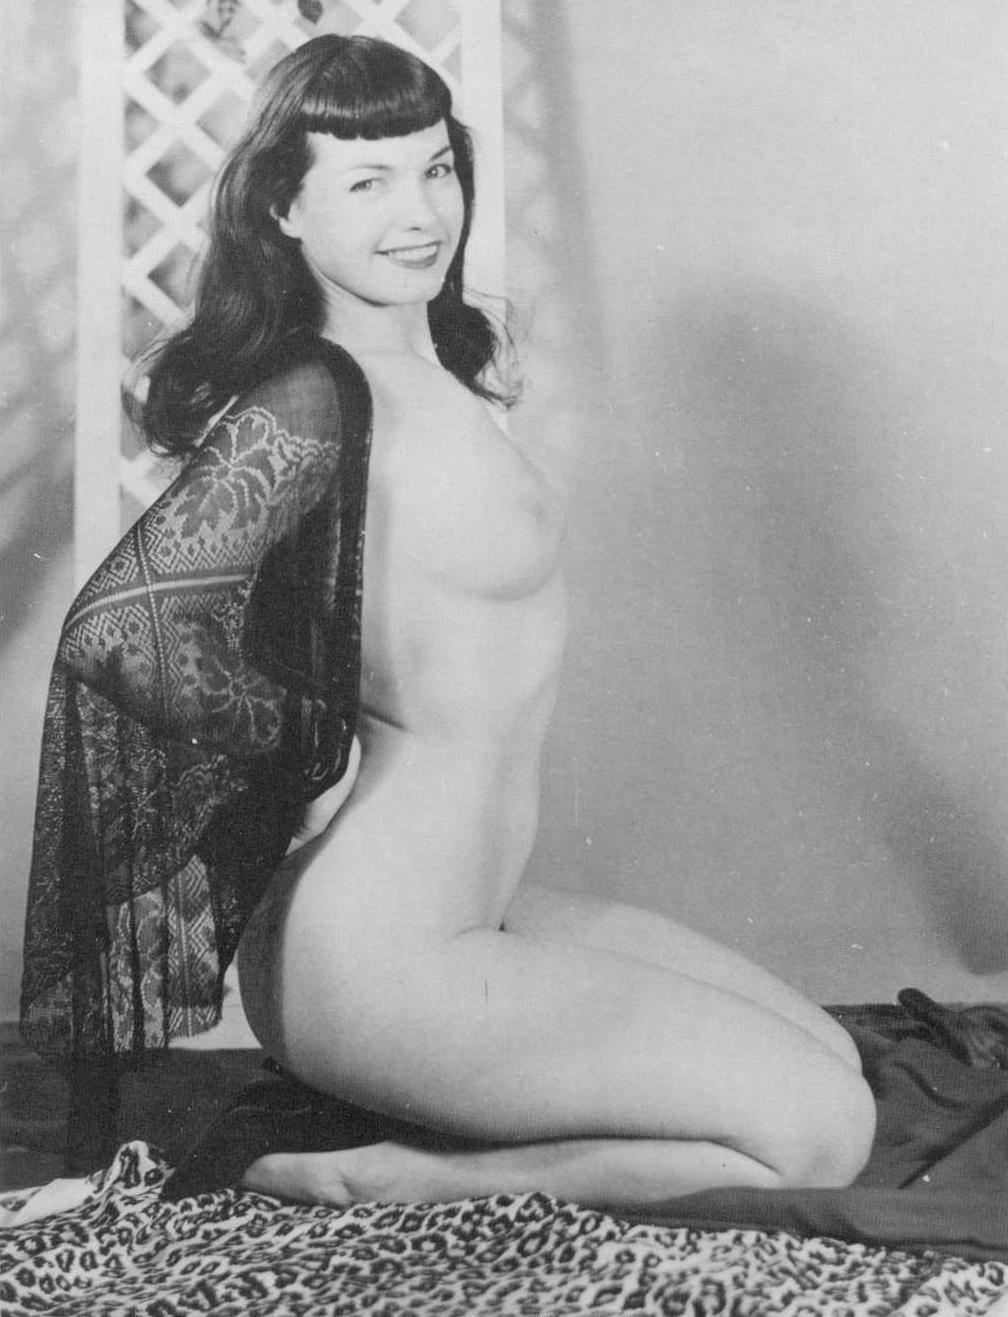 Hot bettie page nude, girls next door uncensored gif